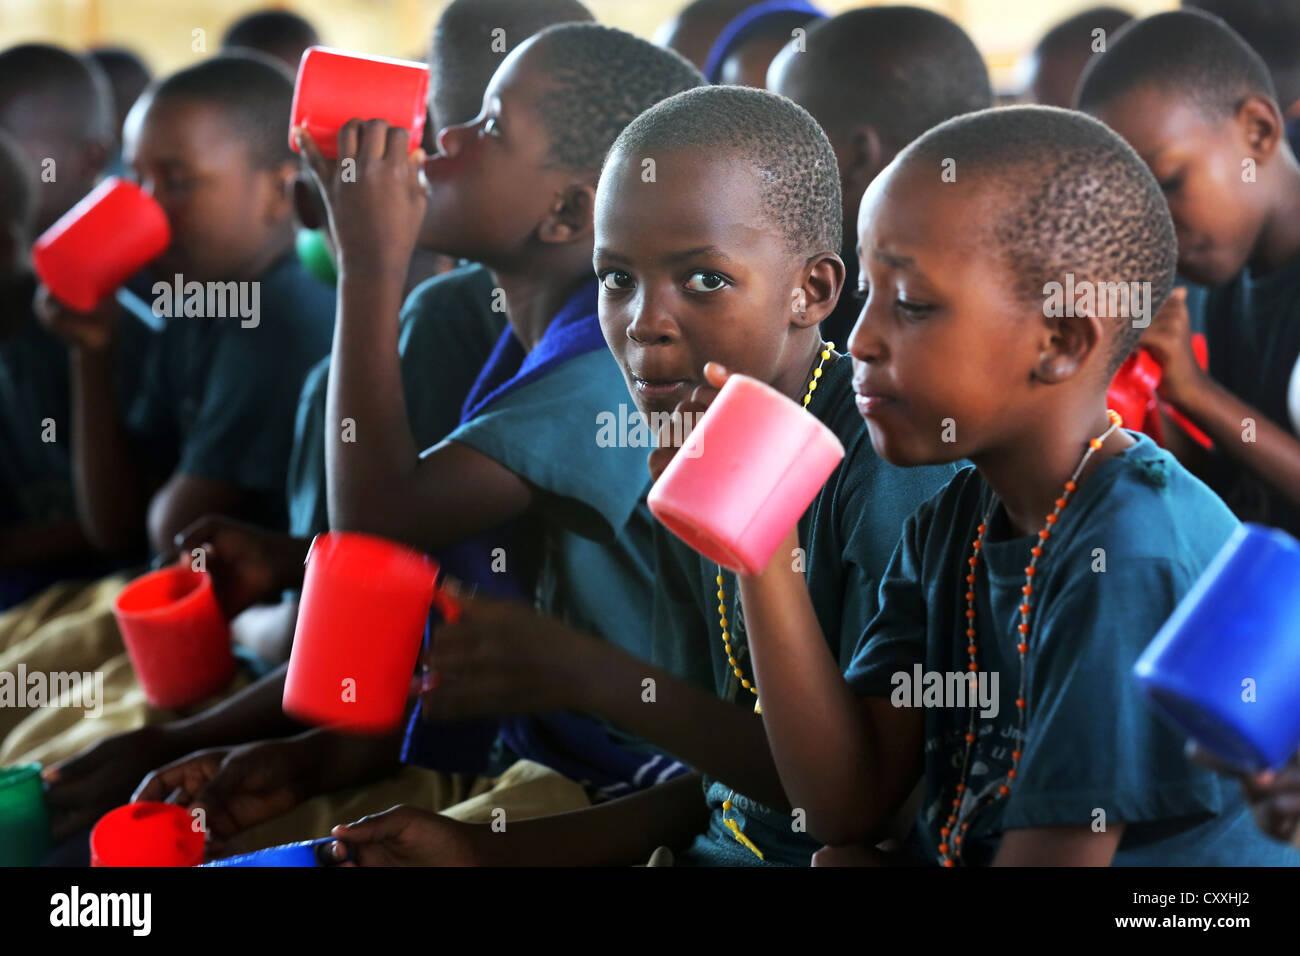 Brei Schulspeisung für Schülerinnen und Schüler an einer Grundschule in Tansania Stockbild